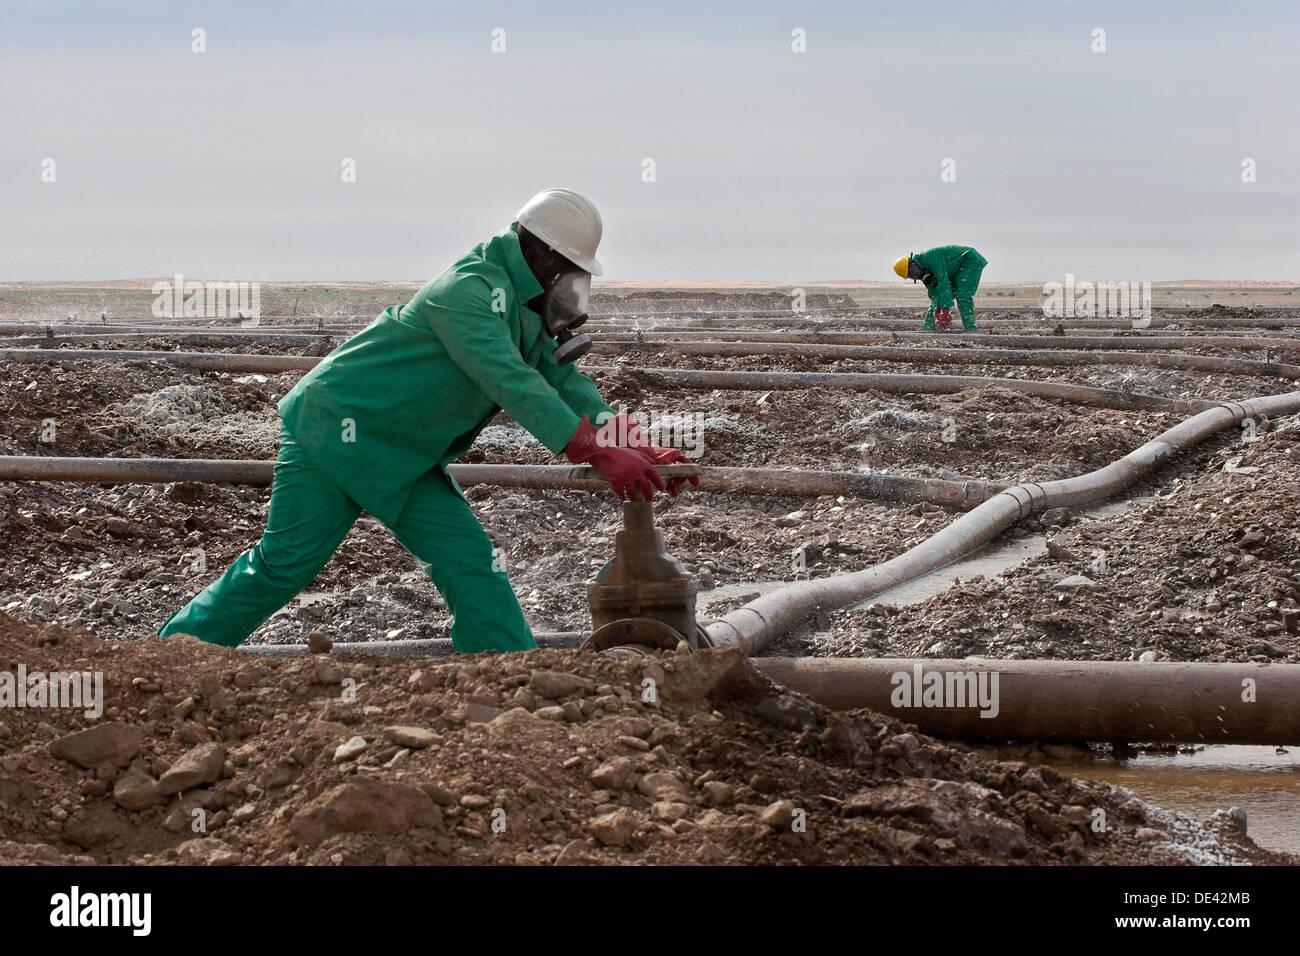 Operator Anpassung Ventil auf Sprinkleranlage auf Müllkippe Heap leach Pad. Oberfläche Gold Mine. Mauretanien, Nord-West-Afrika Stockbild